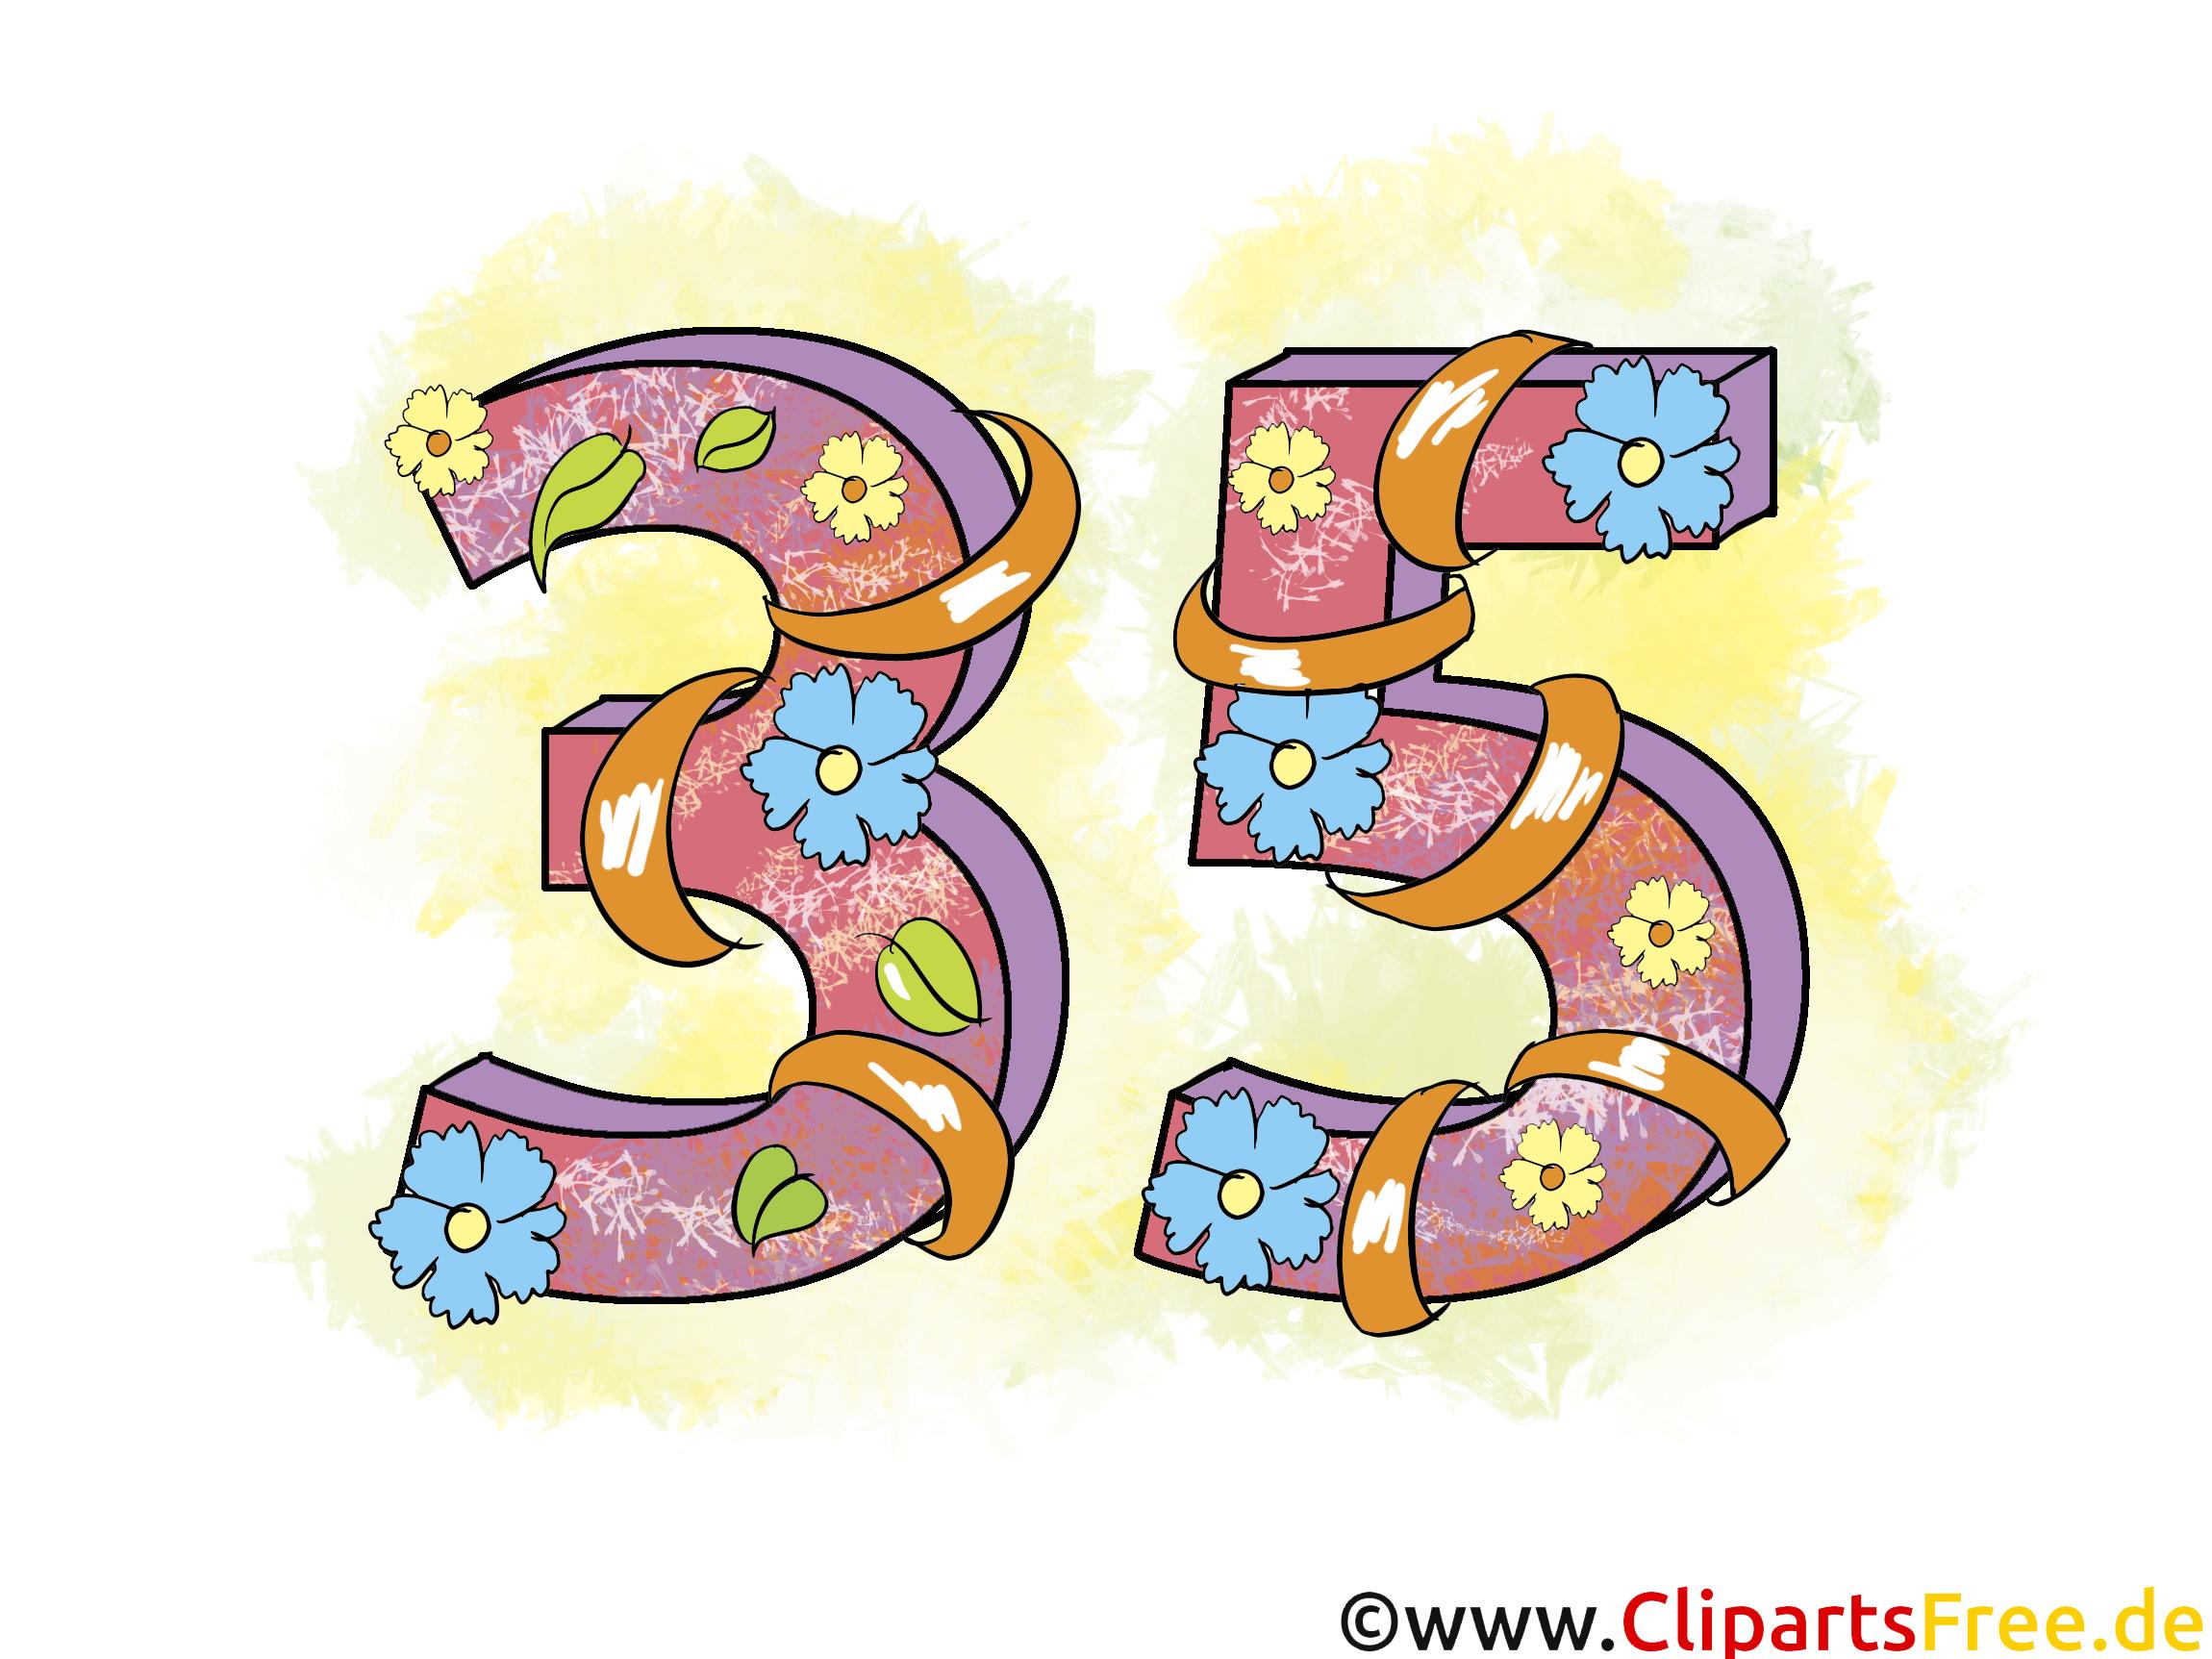 35 ans dessin anniversaire cliparts t l charger anniversaire dessin picture image - Clipart anniversaire gratuit telecharger ...